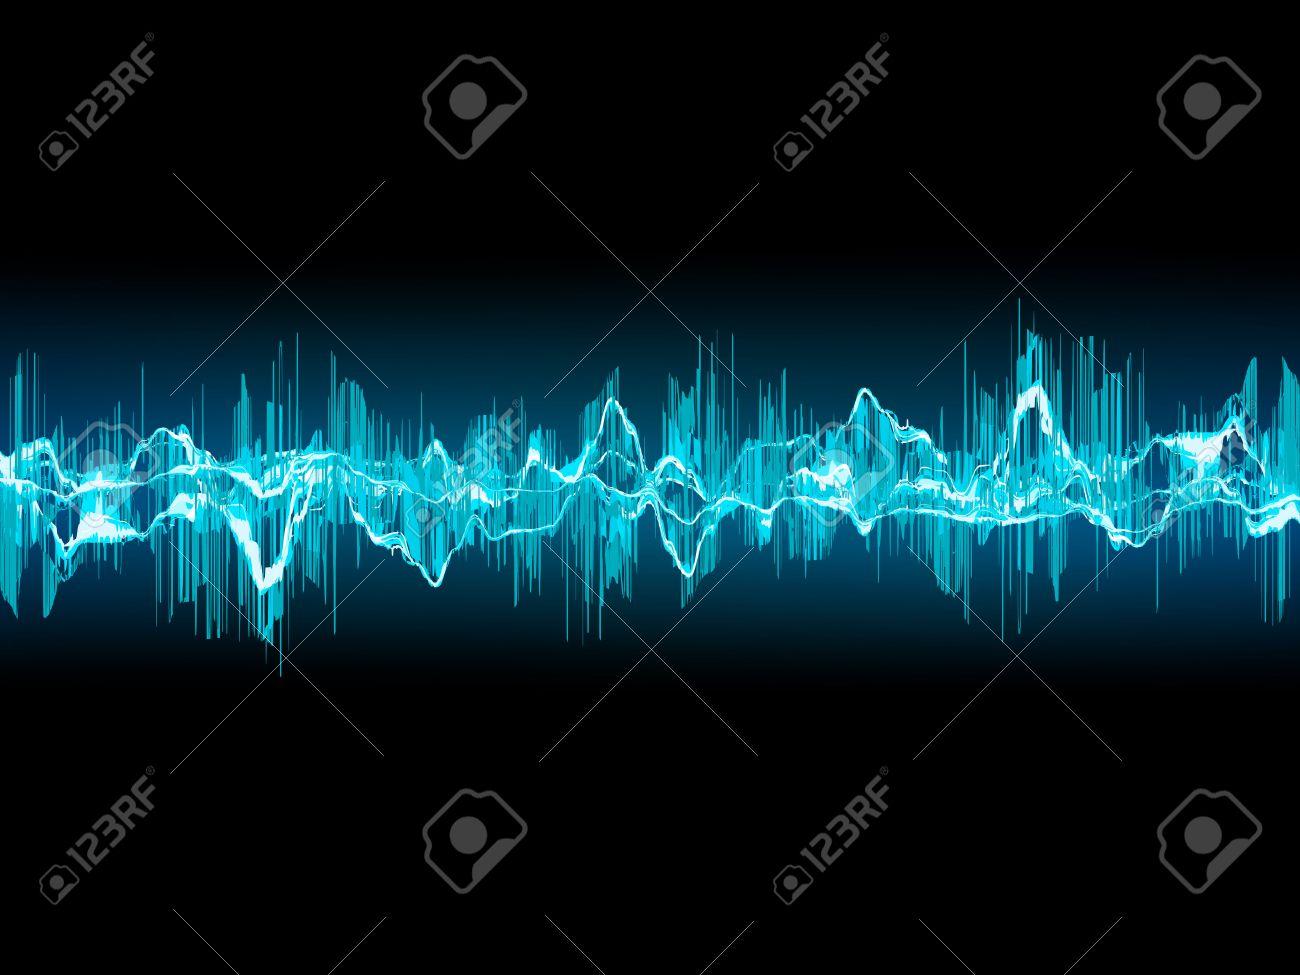 Lumineux Onde Sonore Sur Un Fond Bleu Fonce Clip Art Libres De